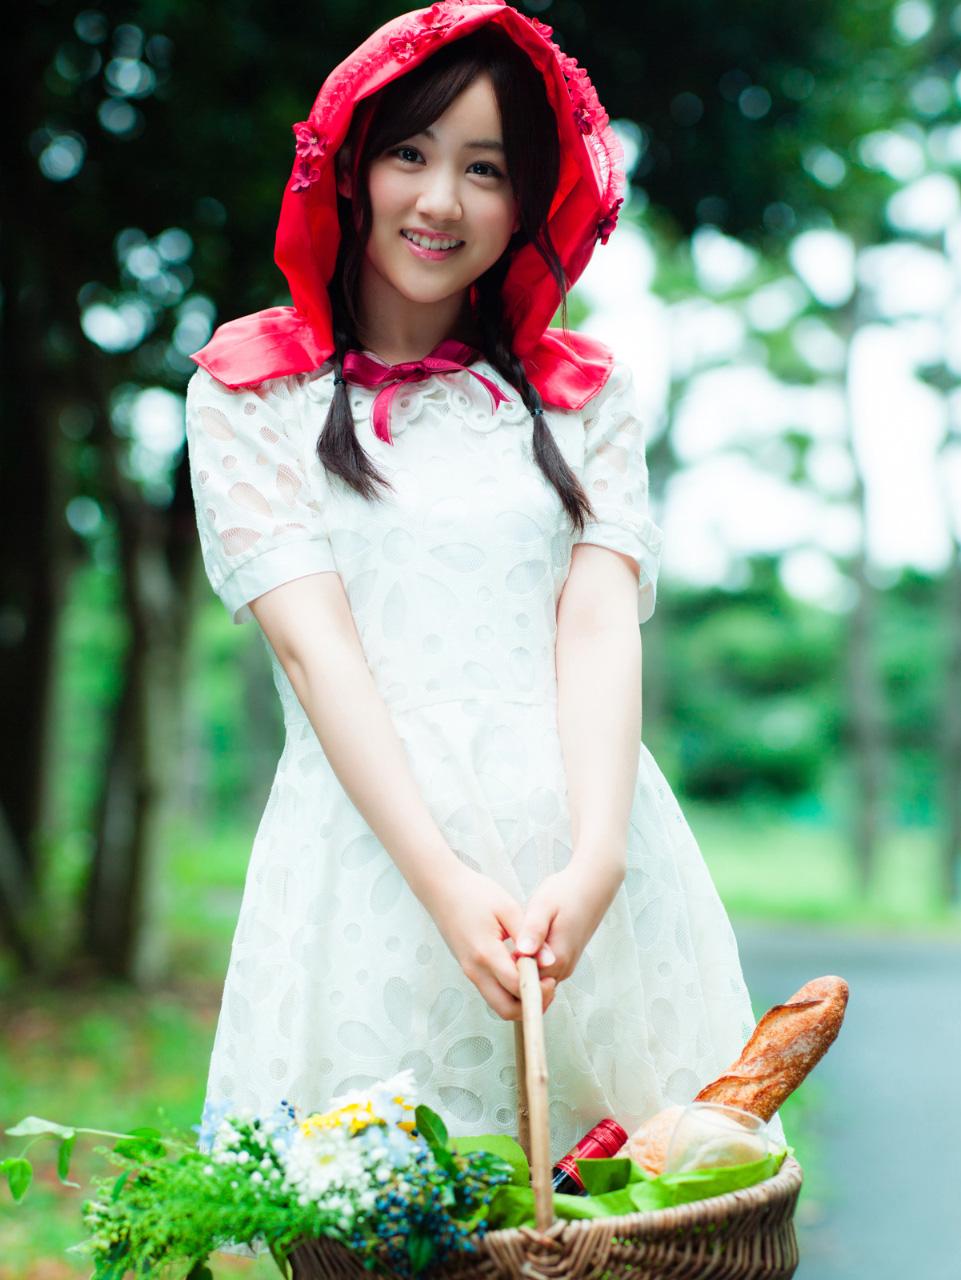 Nogizaka46 乃木坂46 Centric Photos 31